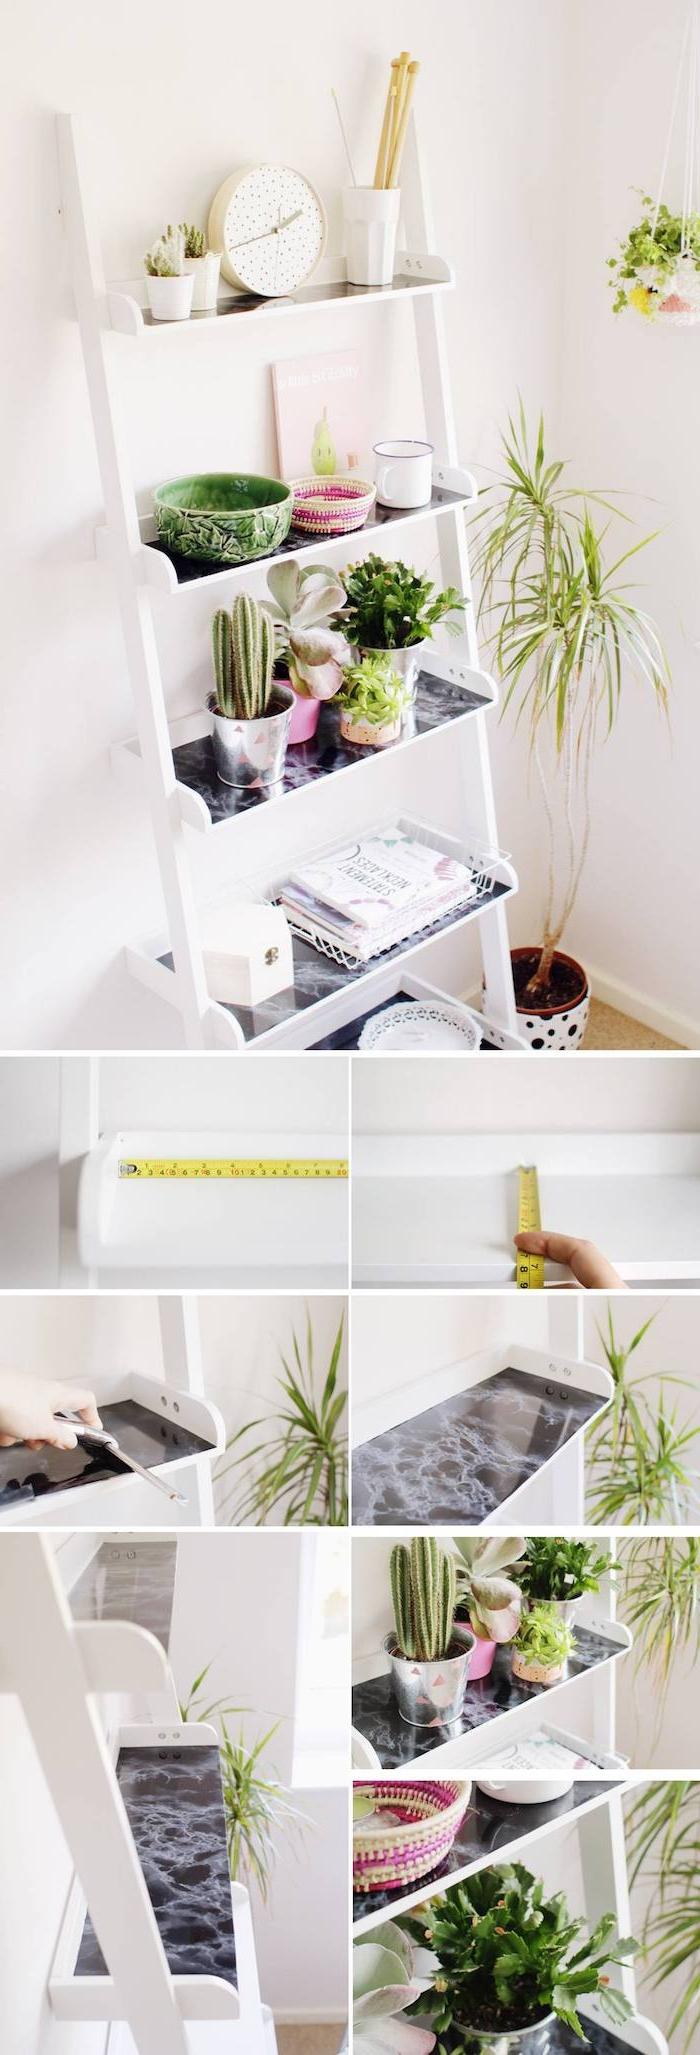 étagère échelle avec des rangements idée comment customiser une echelle, ranger des accessoires deco et pots de fleurs